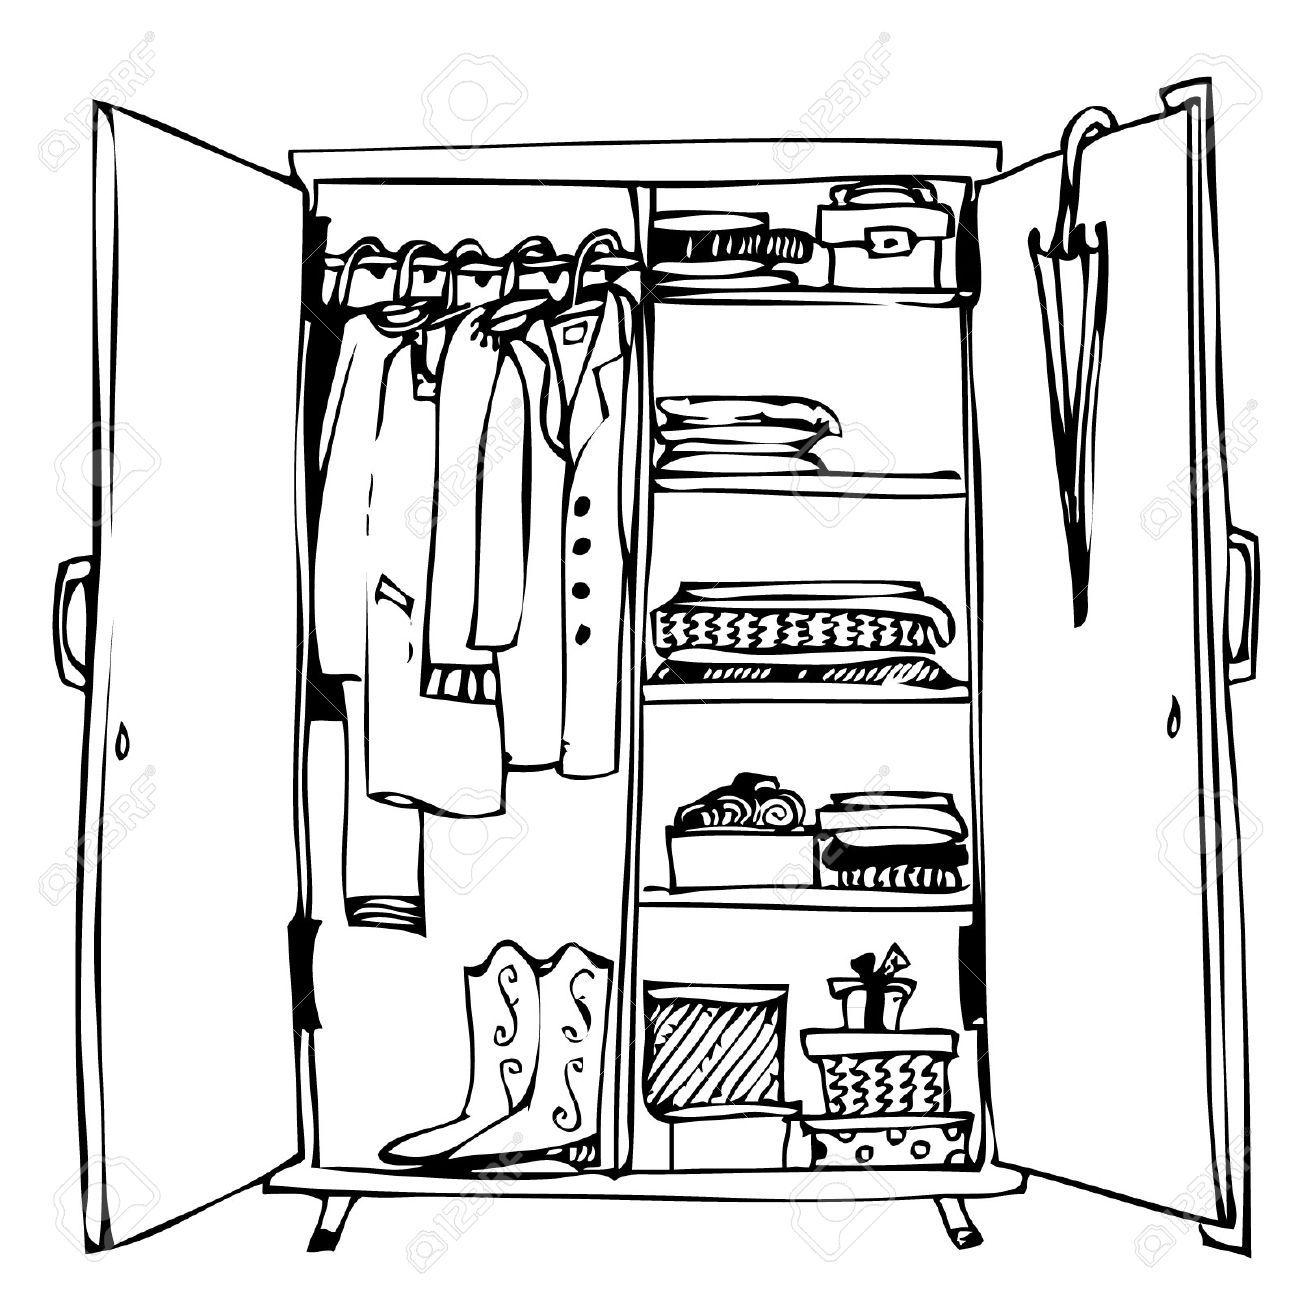 Closet clipart black and white. Wardrobe portal